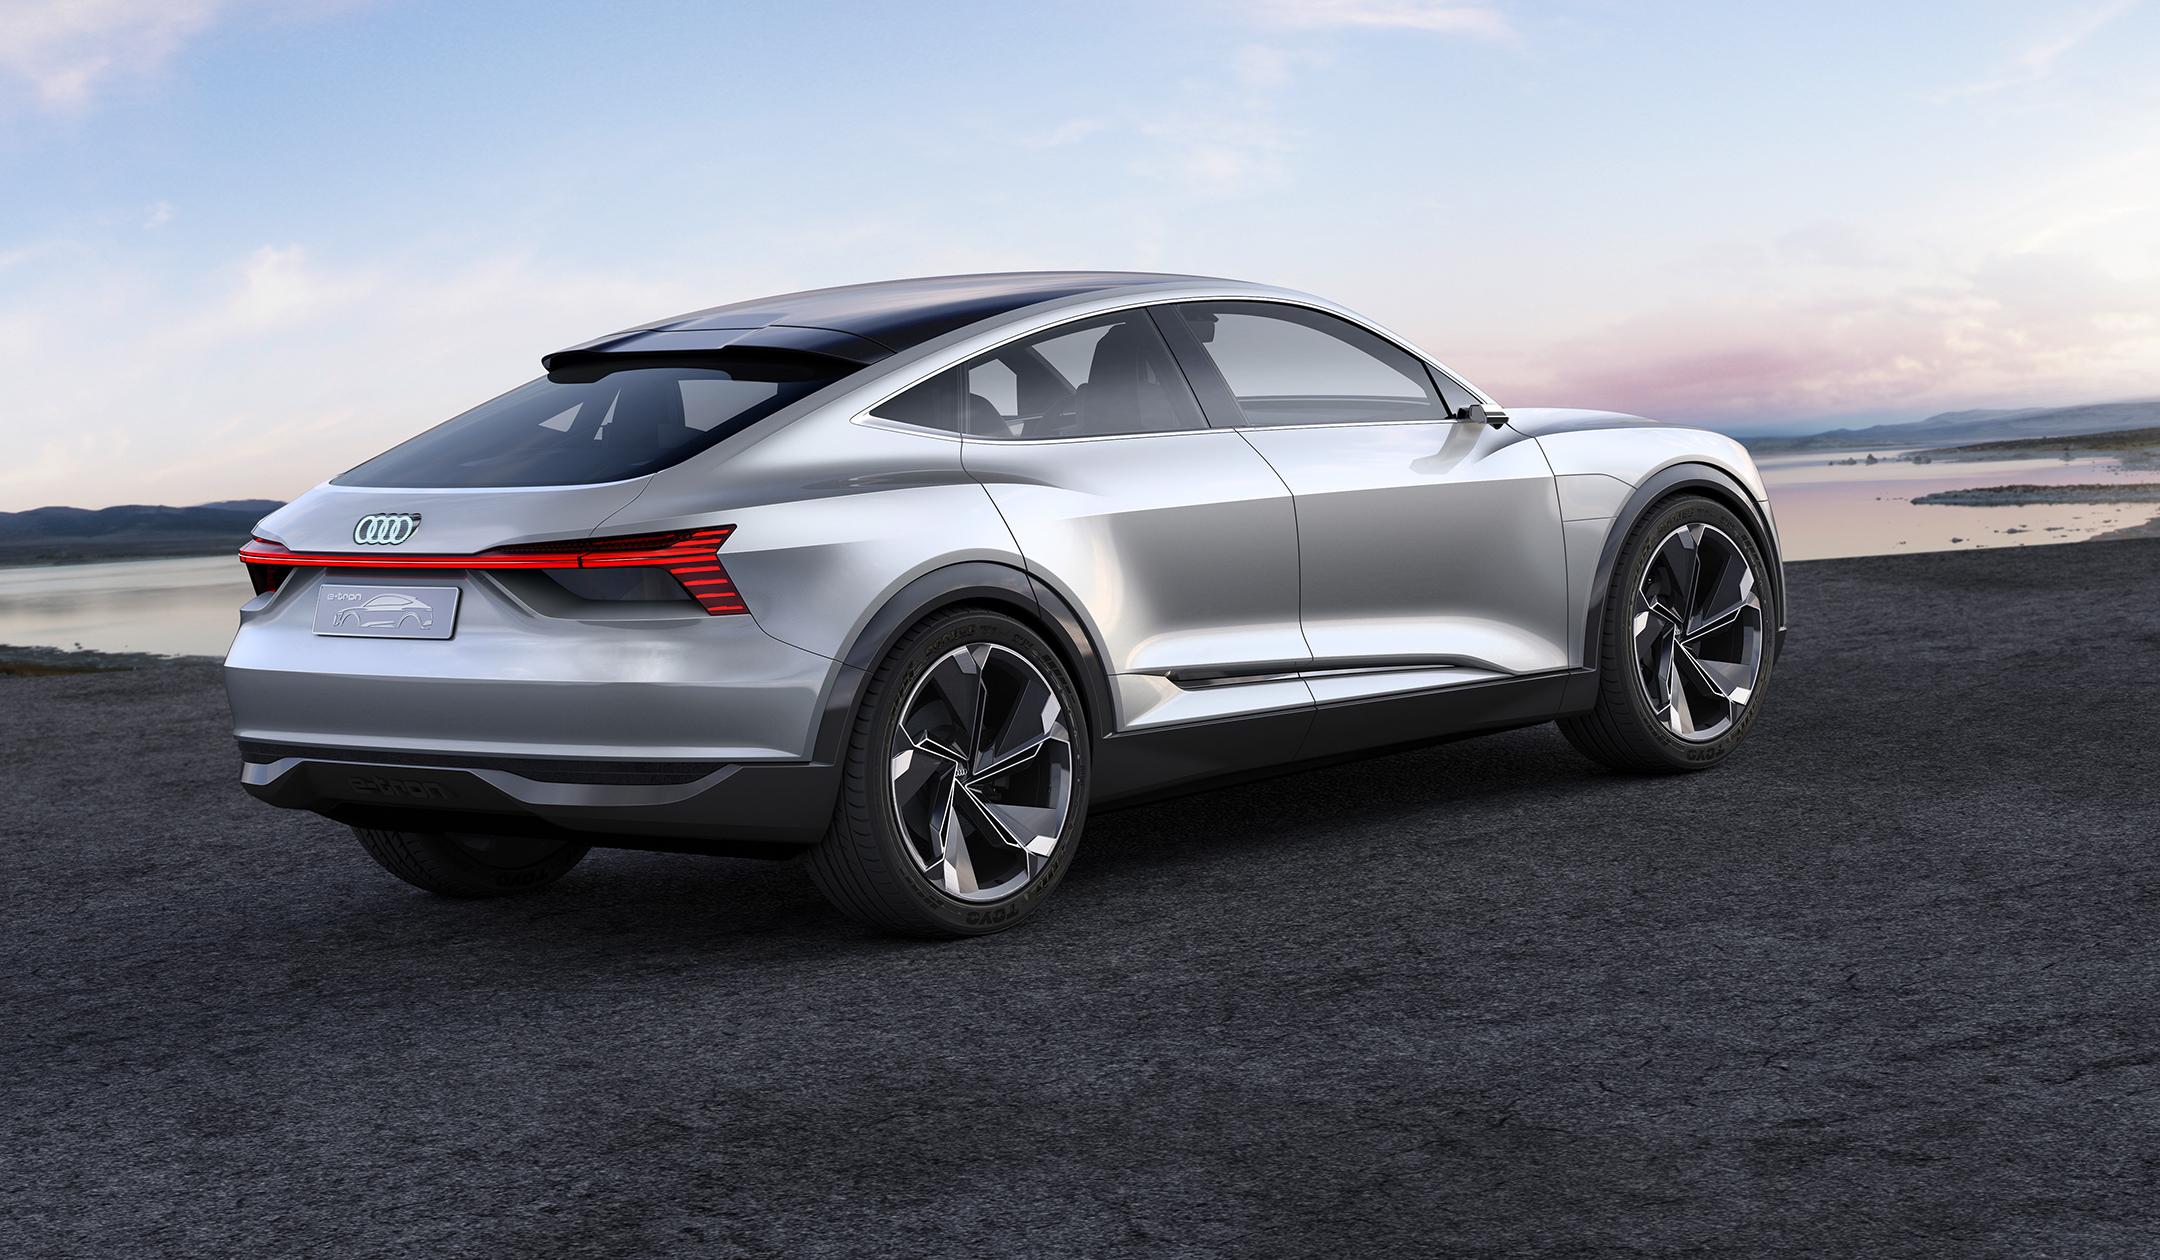 Audi e-tron Sportback concept - 2017 - rear side-face / profil arrière